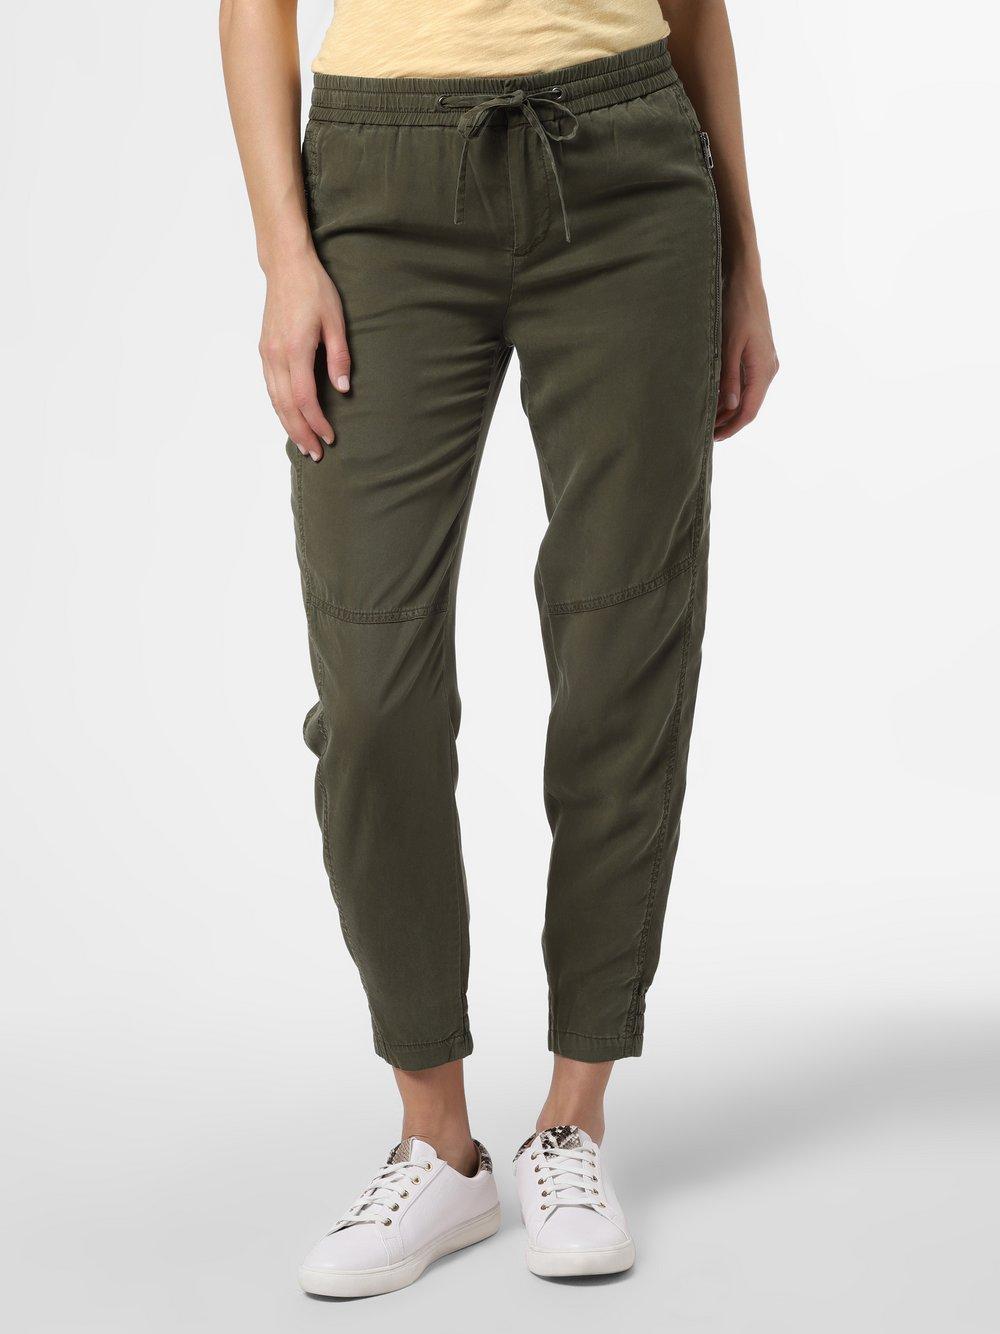 Marc O'Polo - Spodnie damskie, zielony